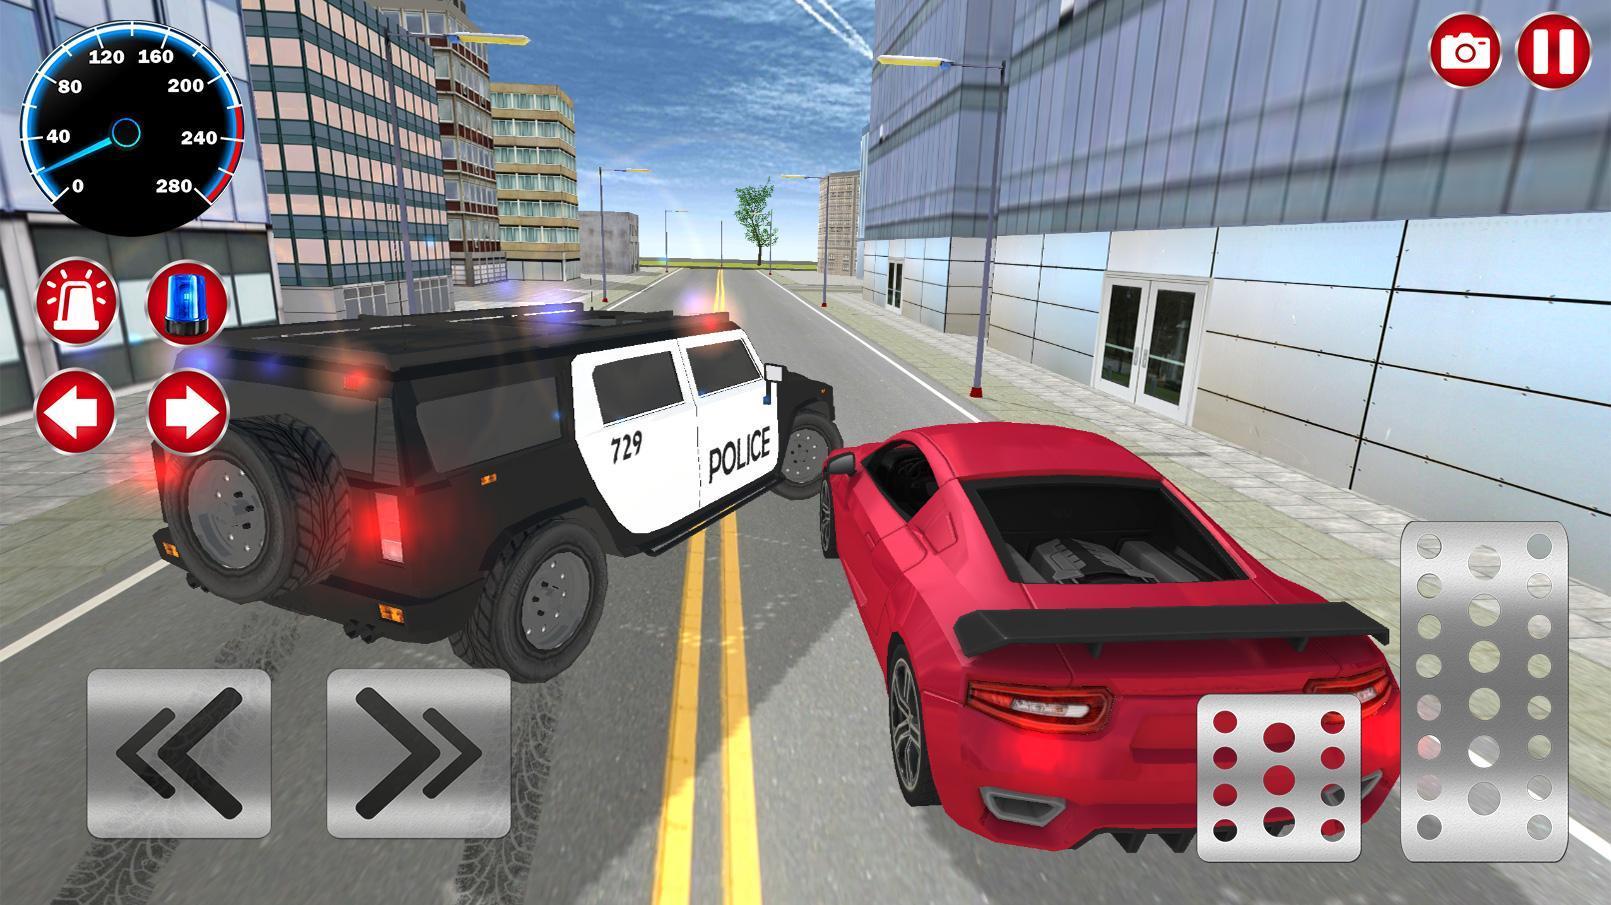 Police Et Voiture Simulateur De Jeu 3D Pour Android dedans Jeux De Voiture Avec La Police